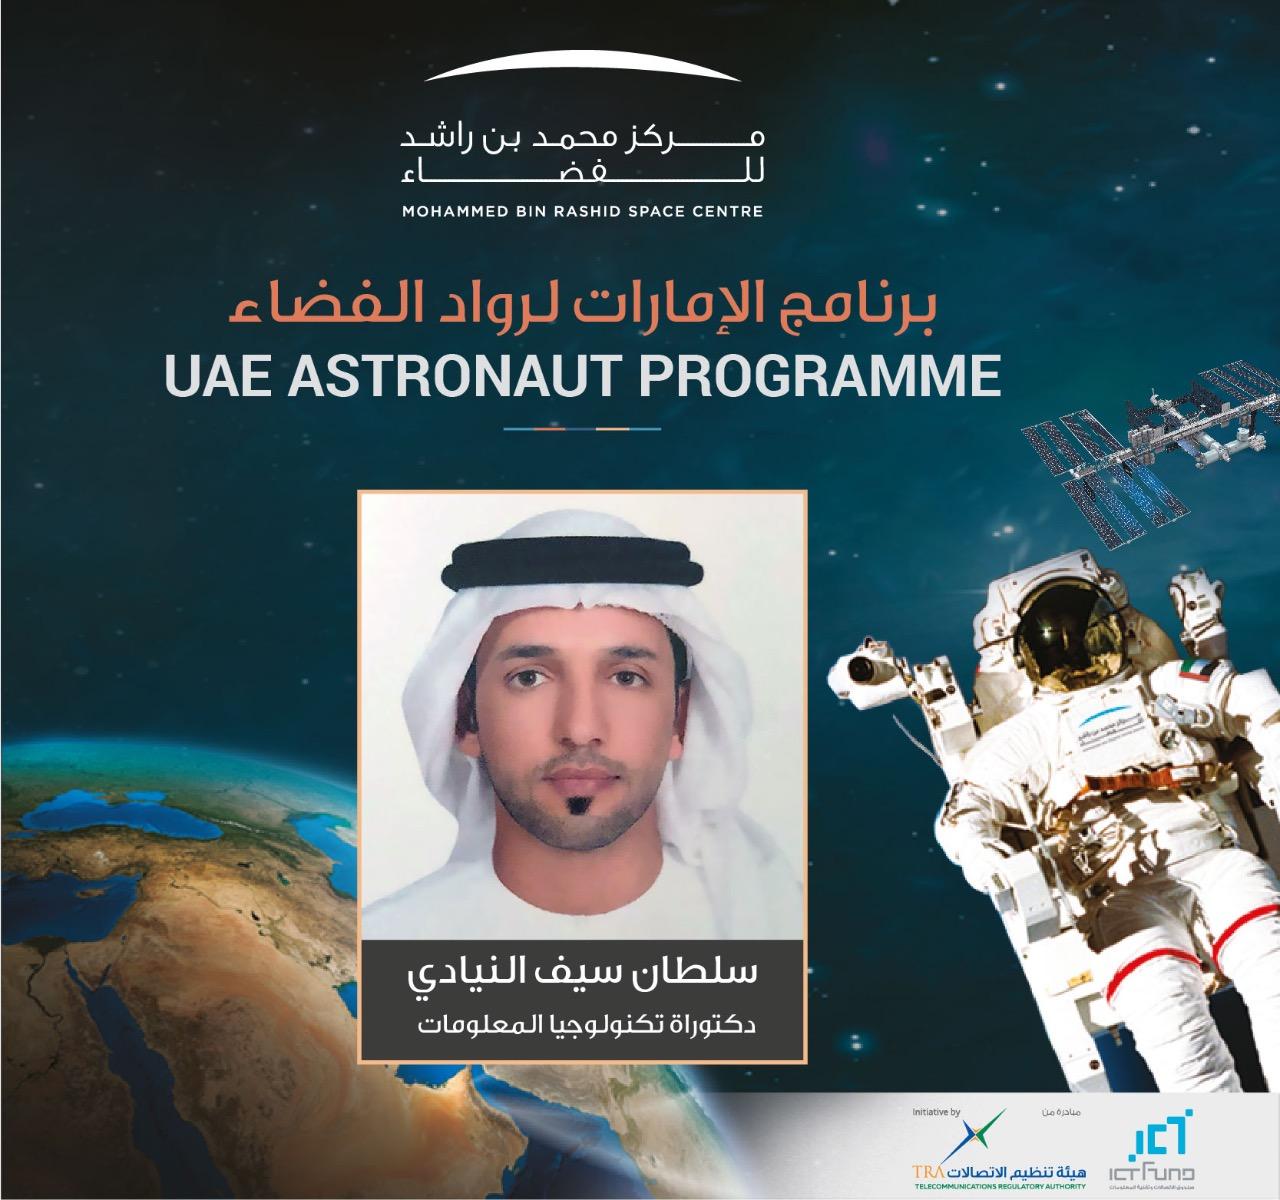 في إنجاز تاريخي.. الإمارات تعلن عن أول رائدي فضاء عرب إلى محطة الفضاء الدولية. 1